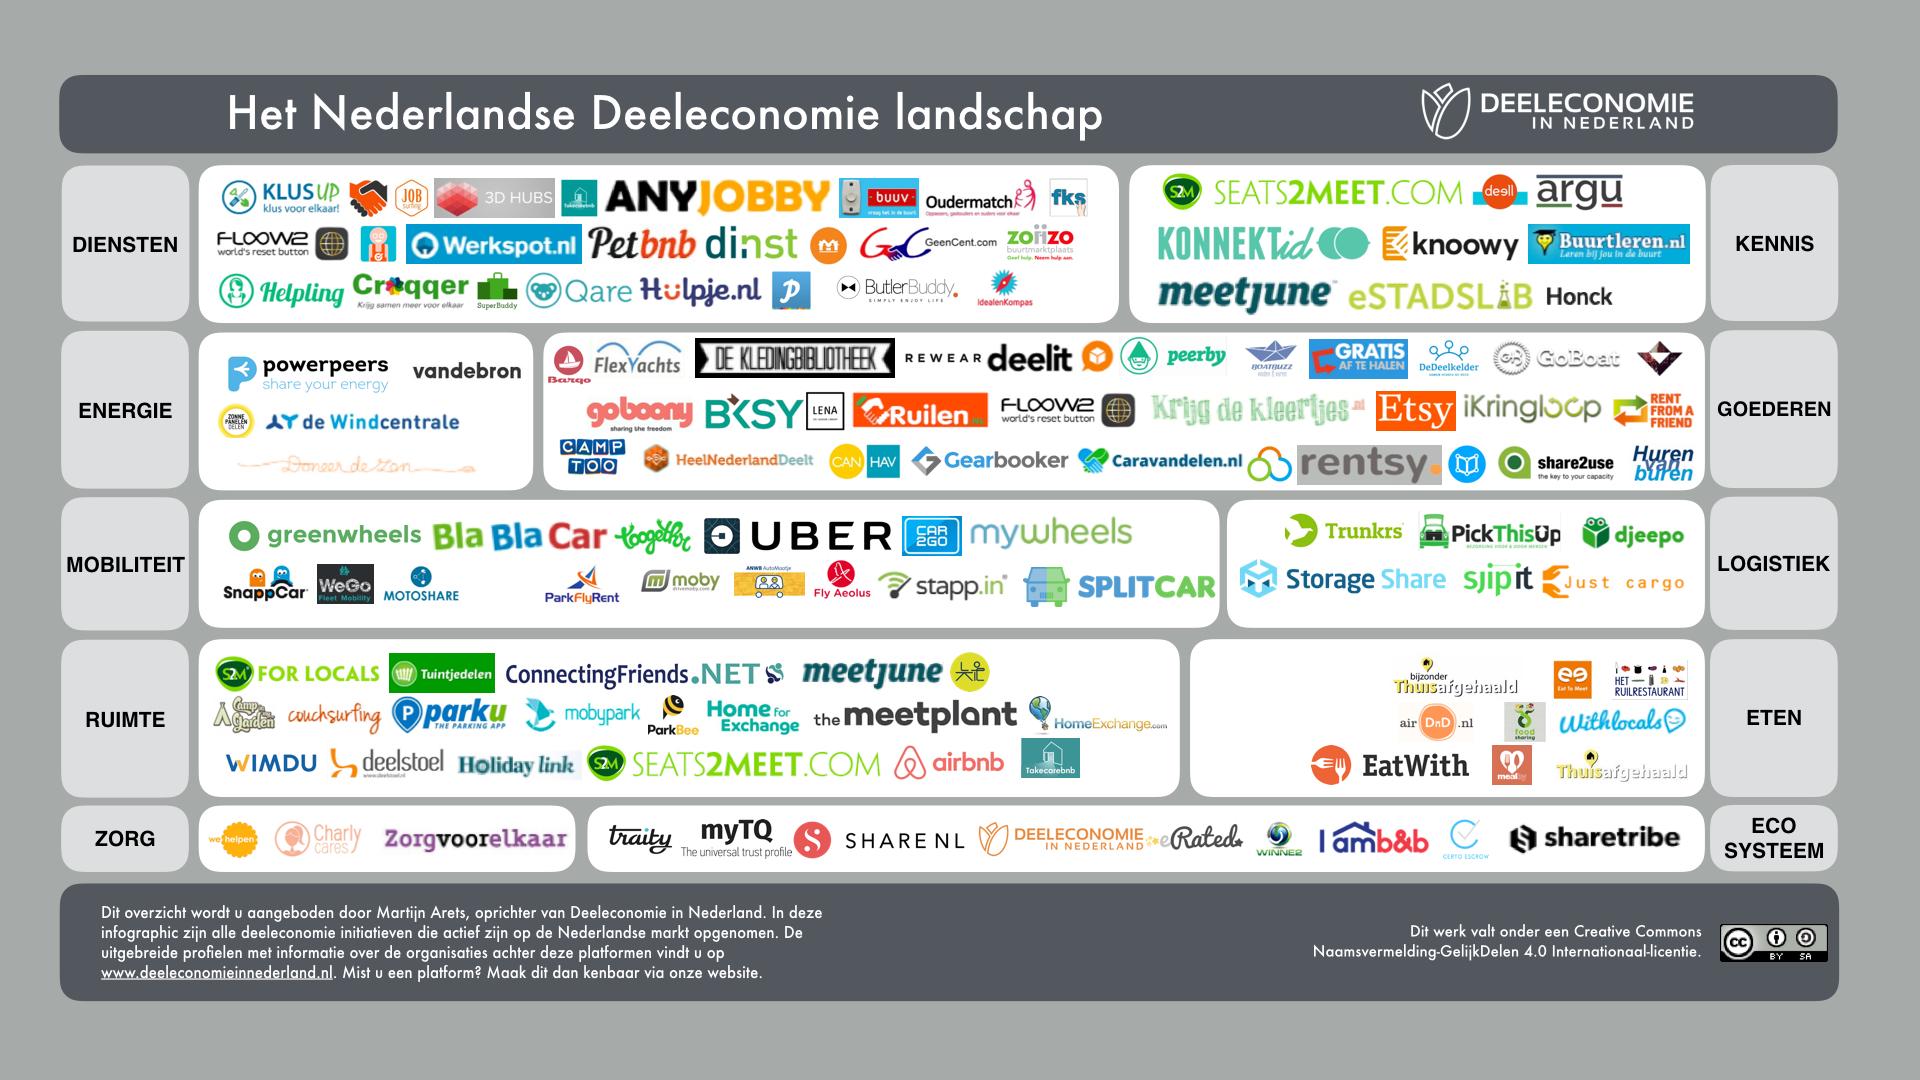 voorbeelden deeleconomie